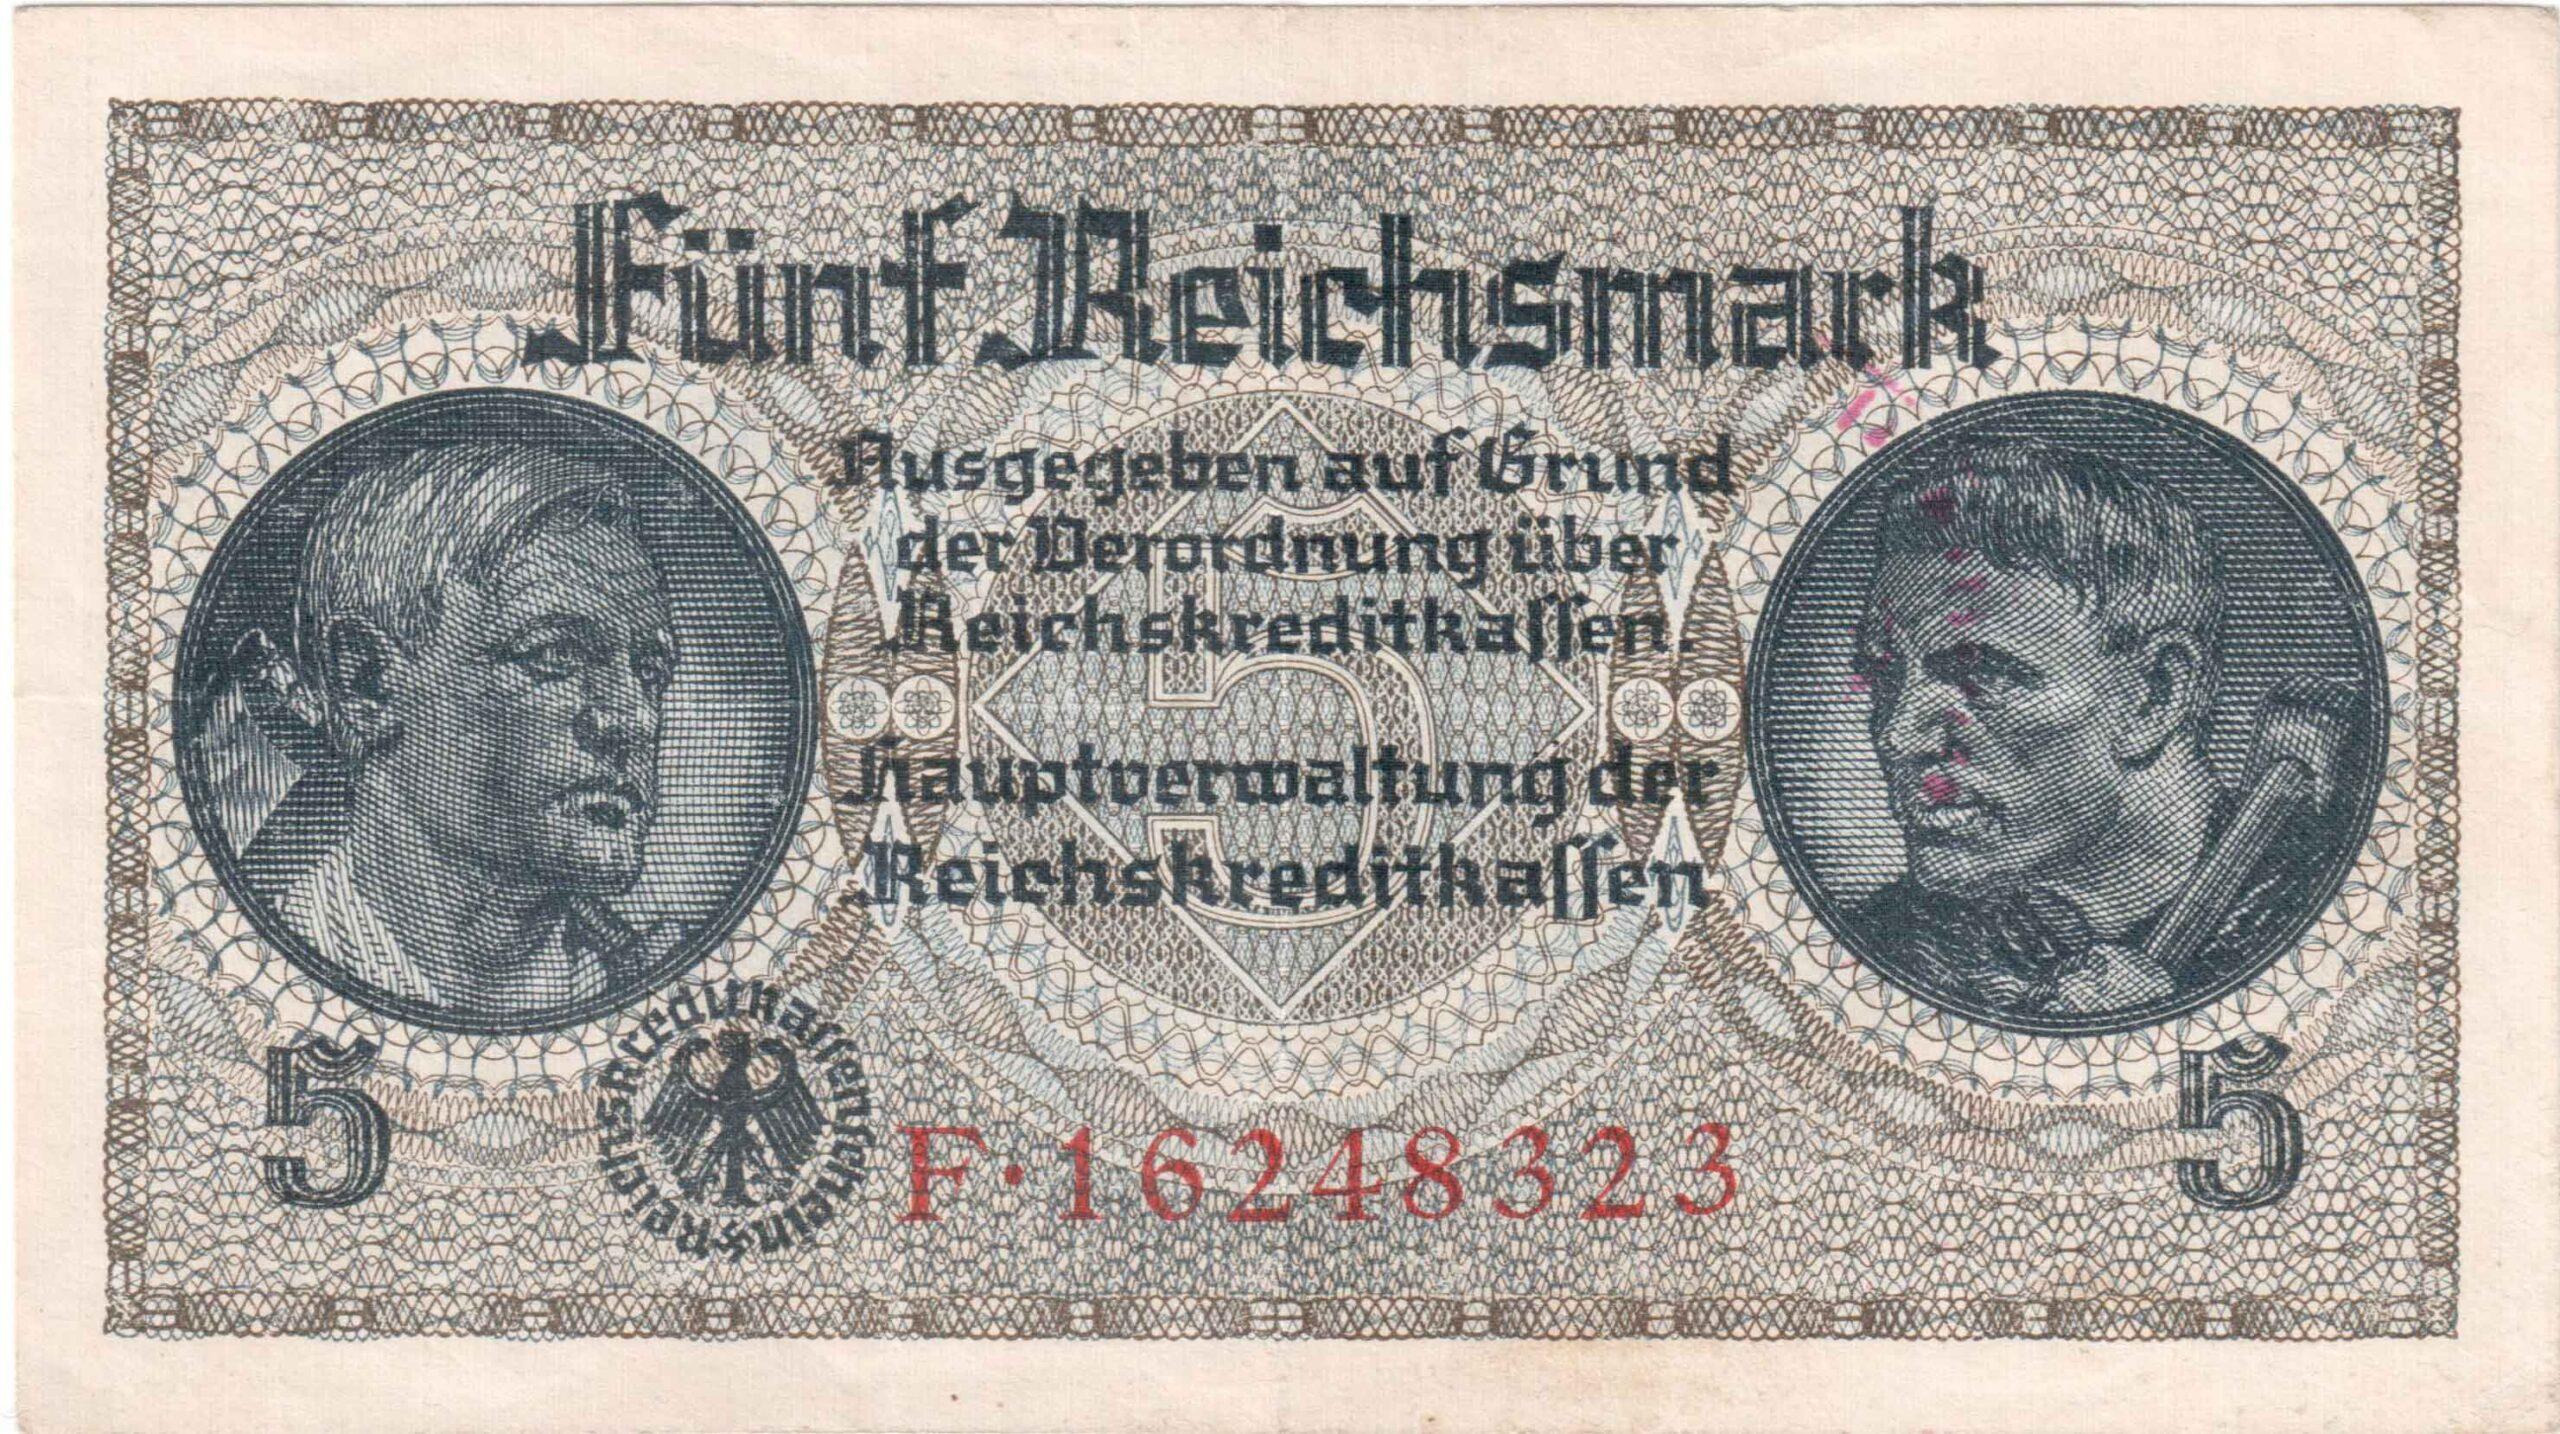 Fünfmarkschein der Reichskreditkasse von 1939, 2. Weltkrieg, Ro. 553, Vorderseite